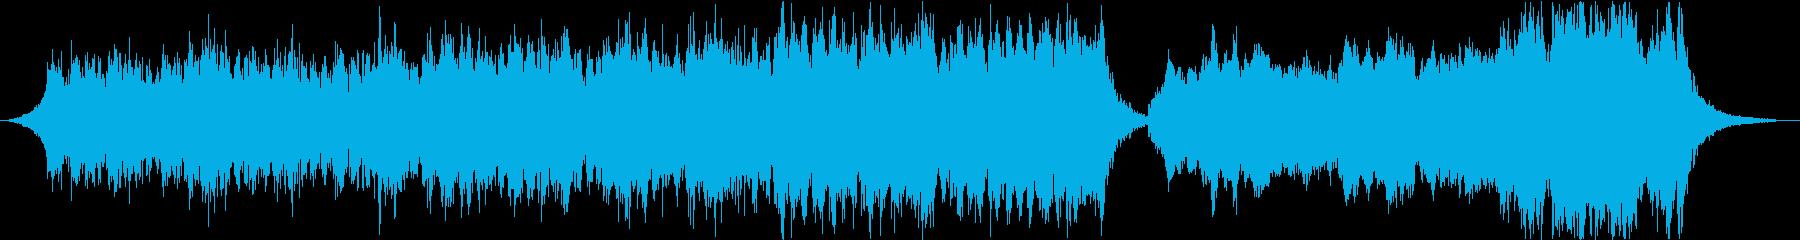 【ハリウッド】アクション・トレーラーの再生済みの波形